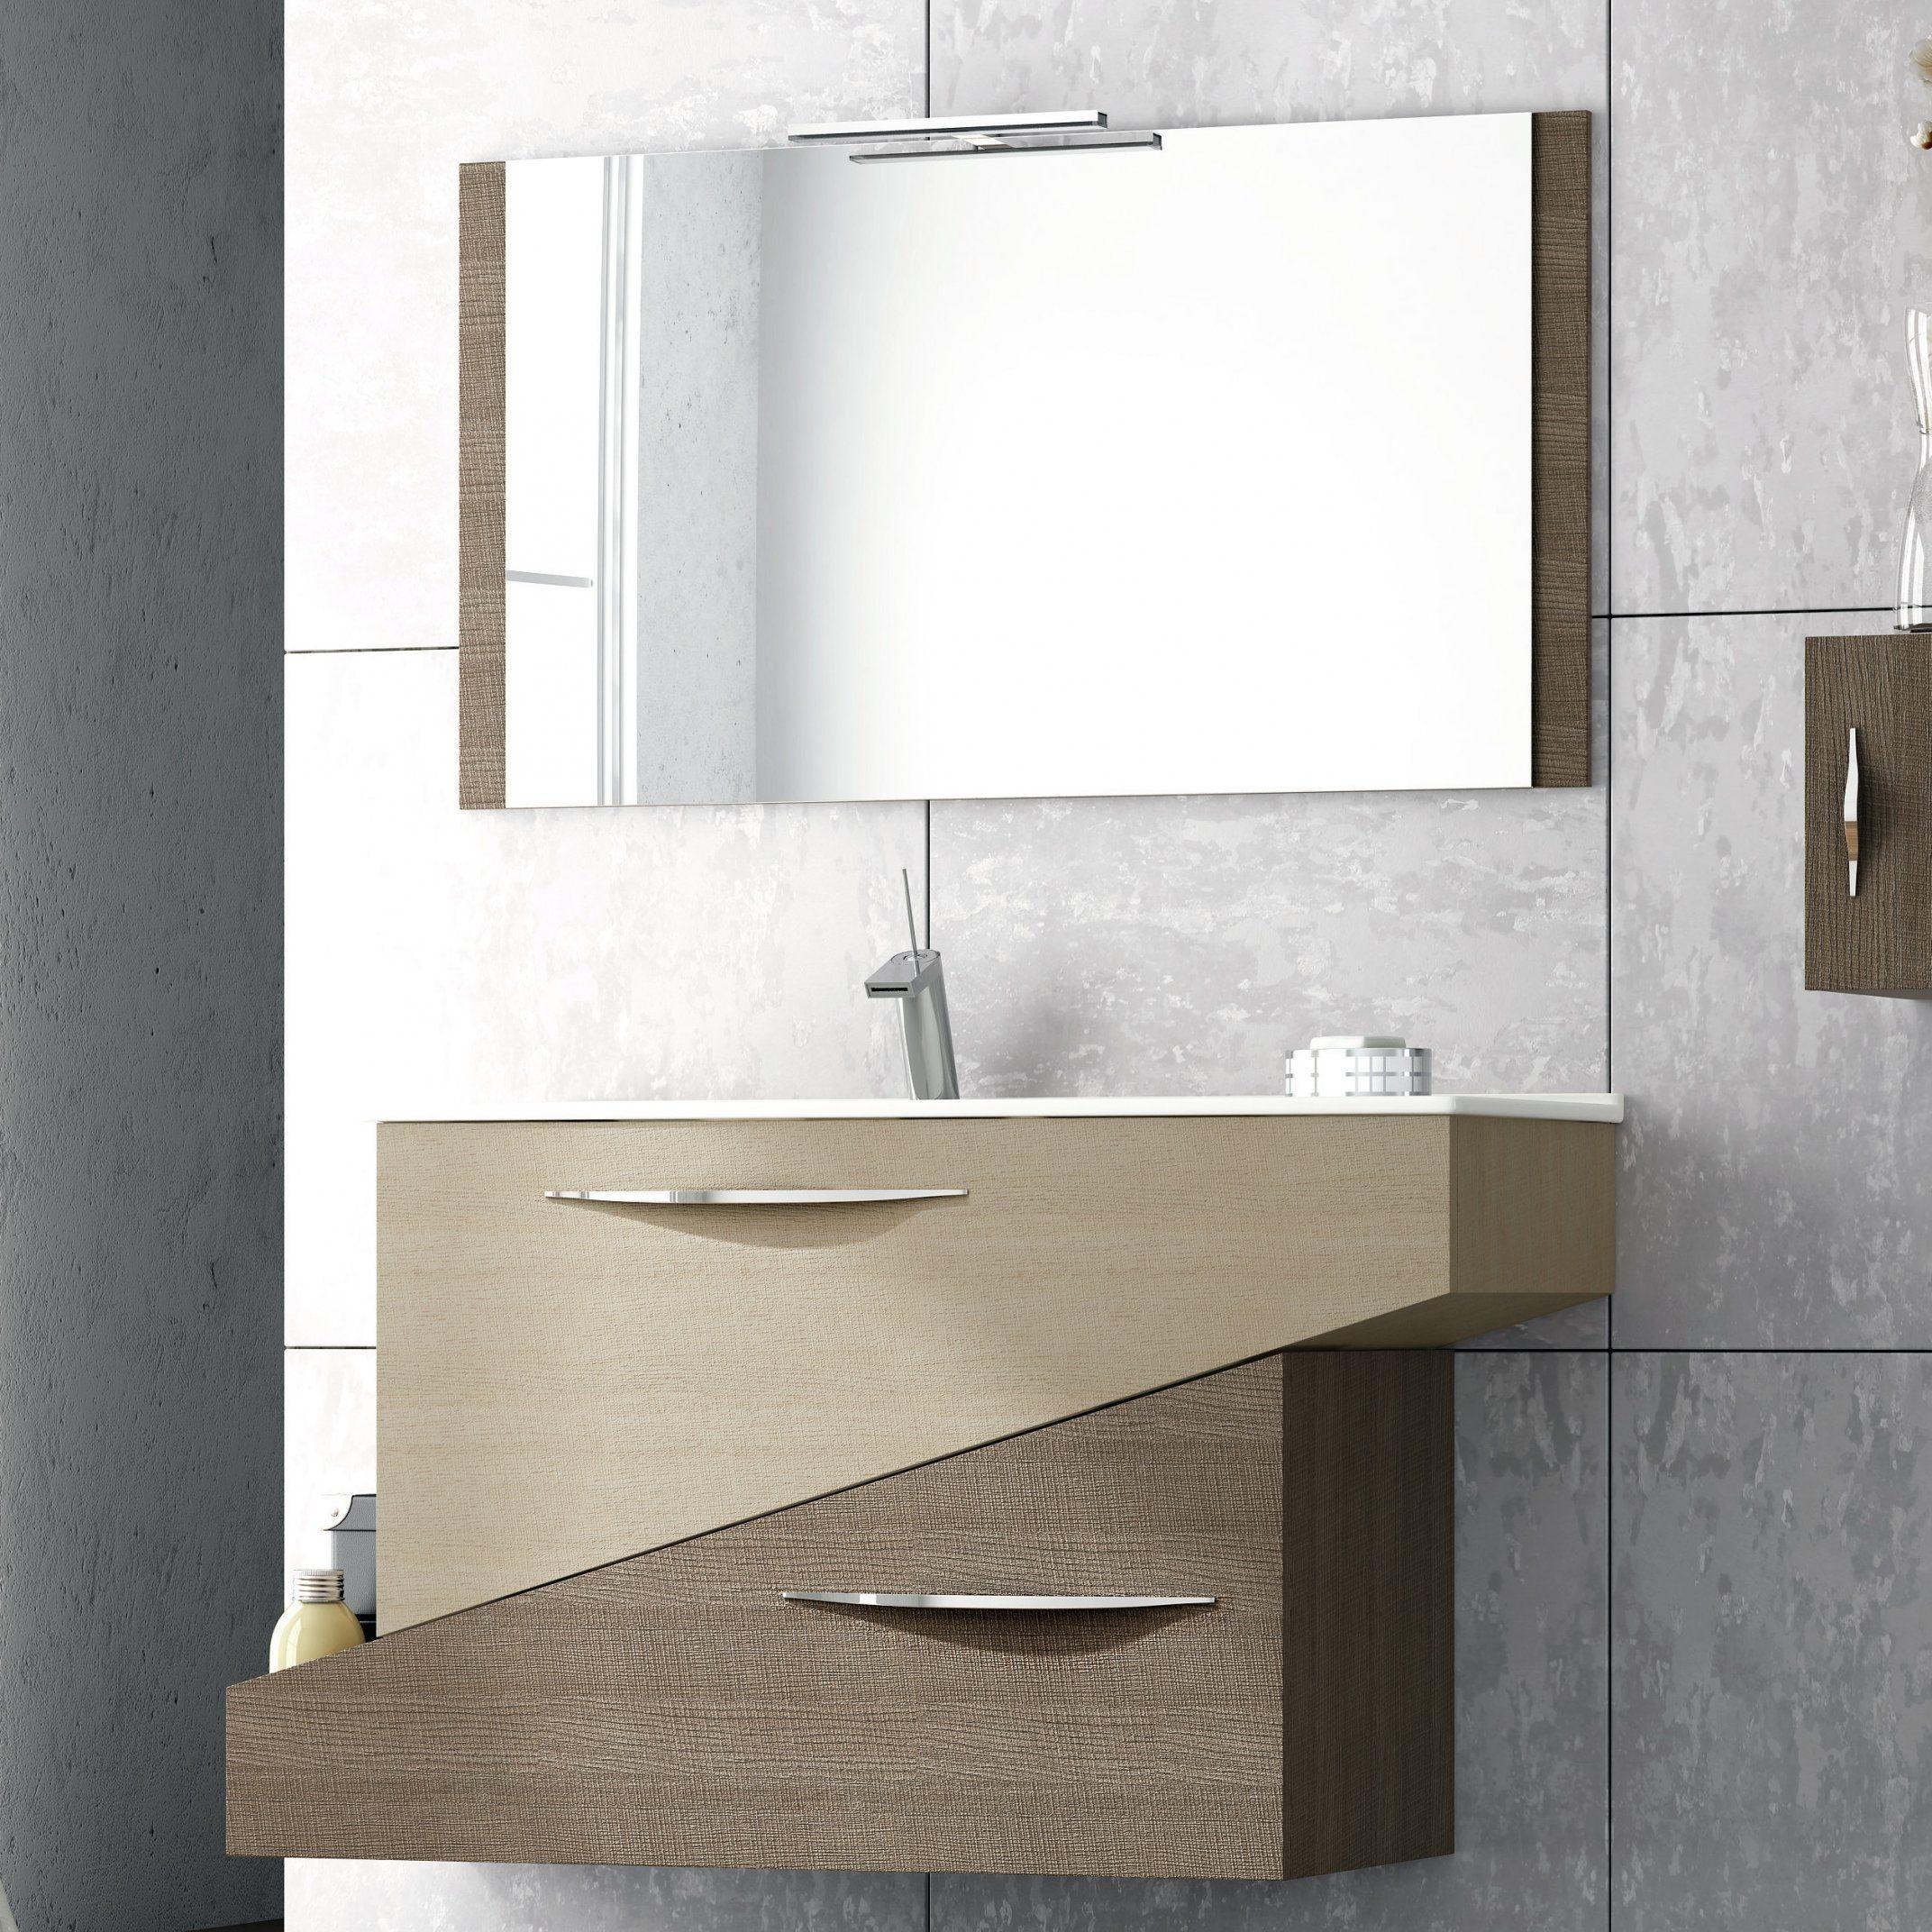 Badezimmer Waschtisch Einzel Waschbecken Fur Kleine Raume